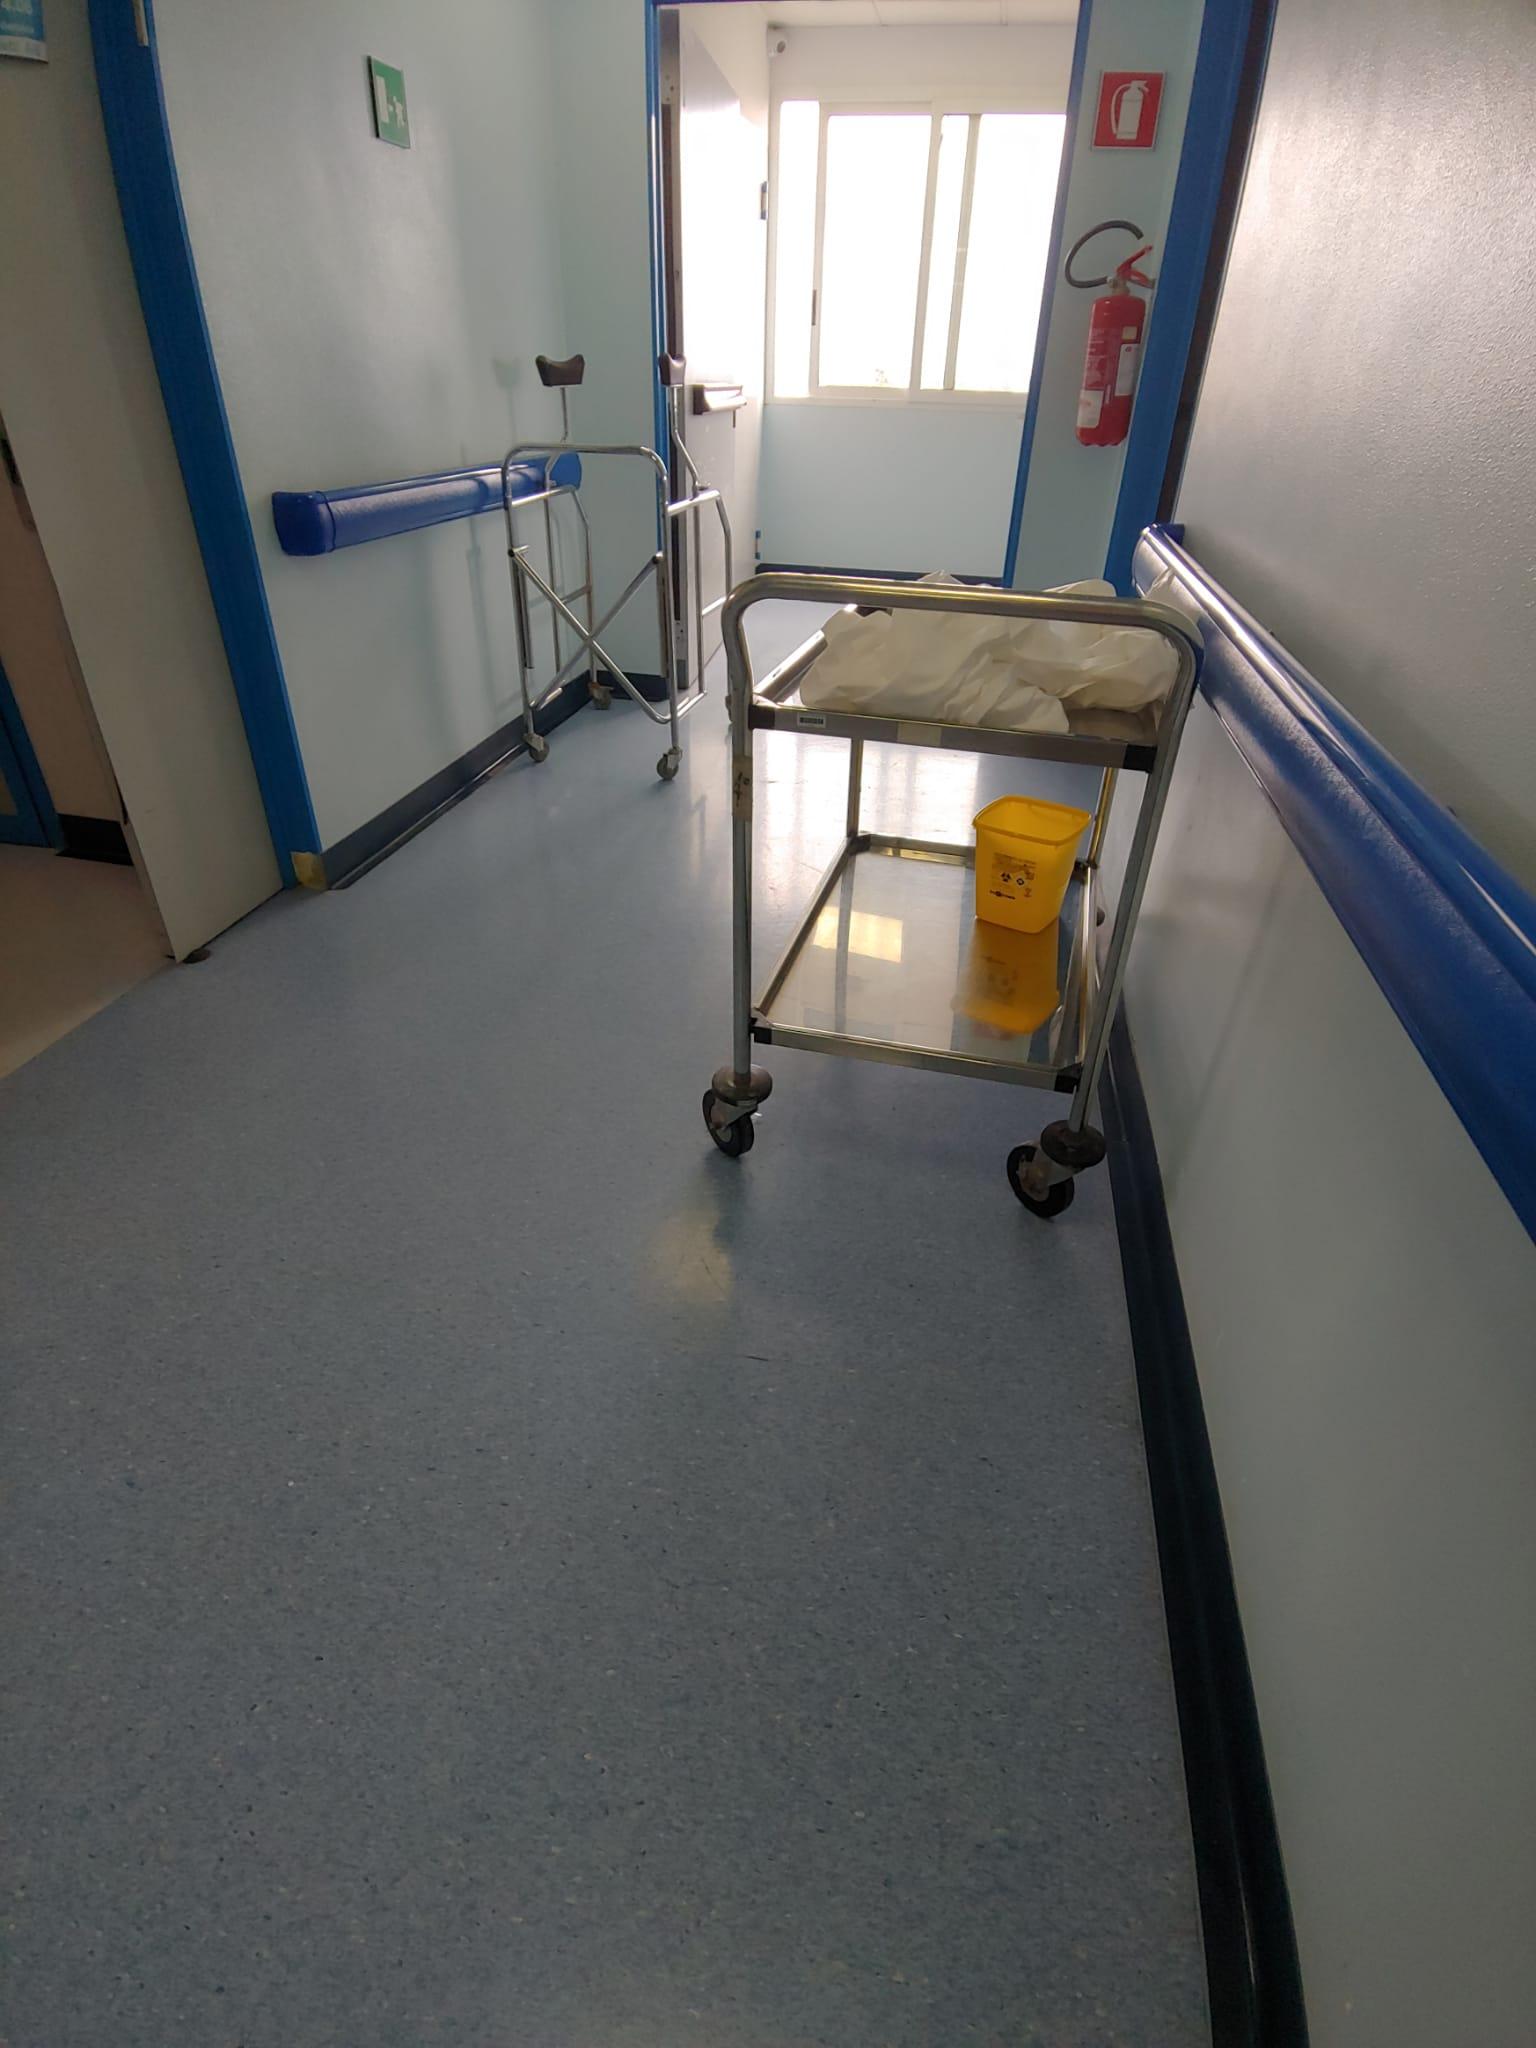 file/ELEMENTO_NEWSLETTER/23078/corridoio-ospedale-con-carrello-2.jpg